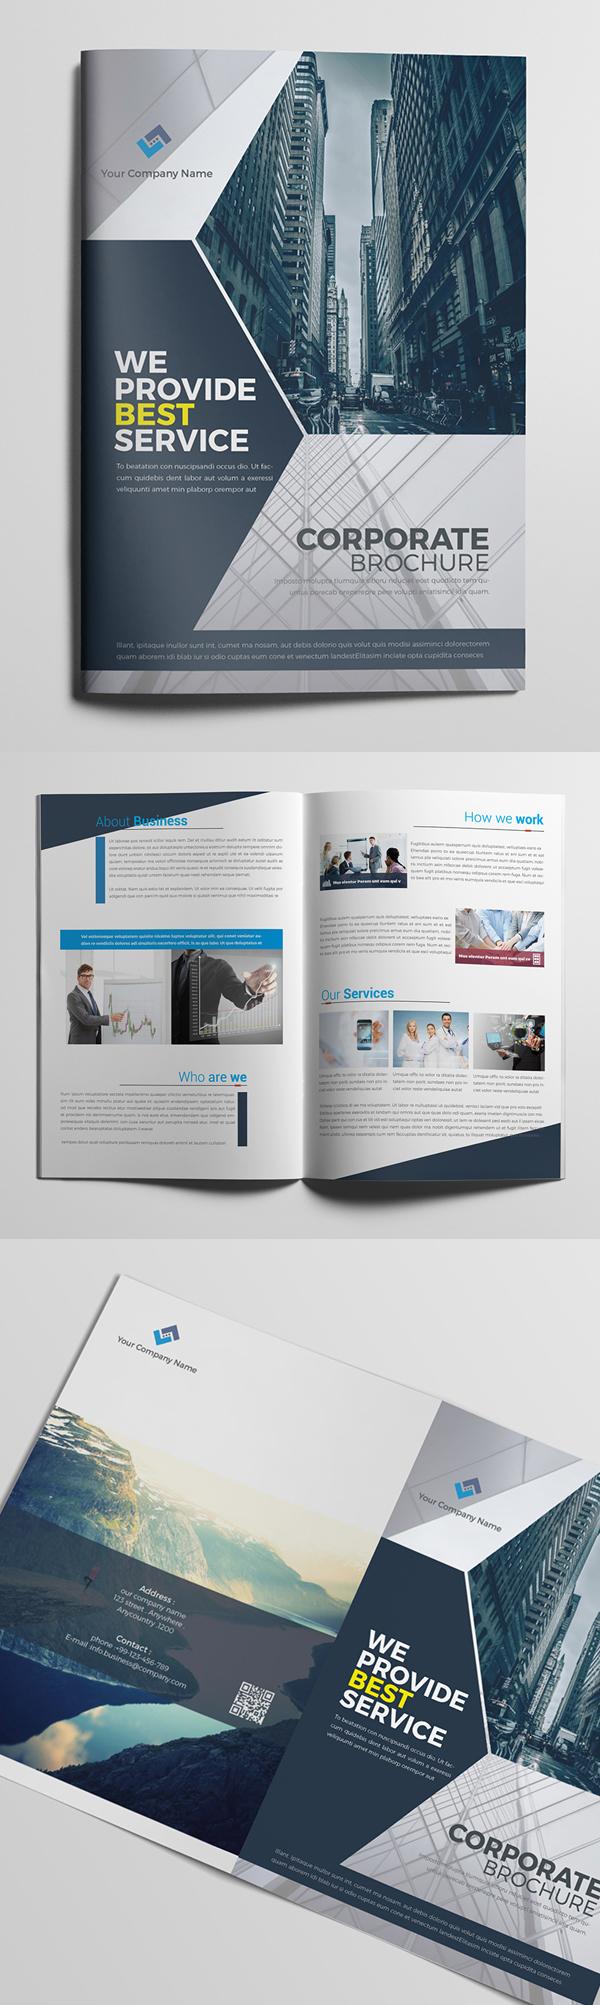 上海画册设计公司创意画册-公司手册/目录设计